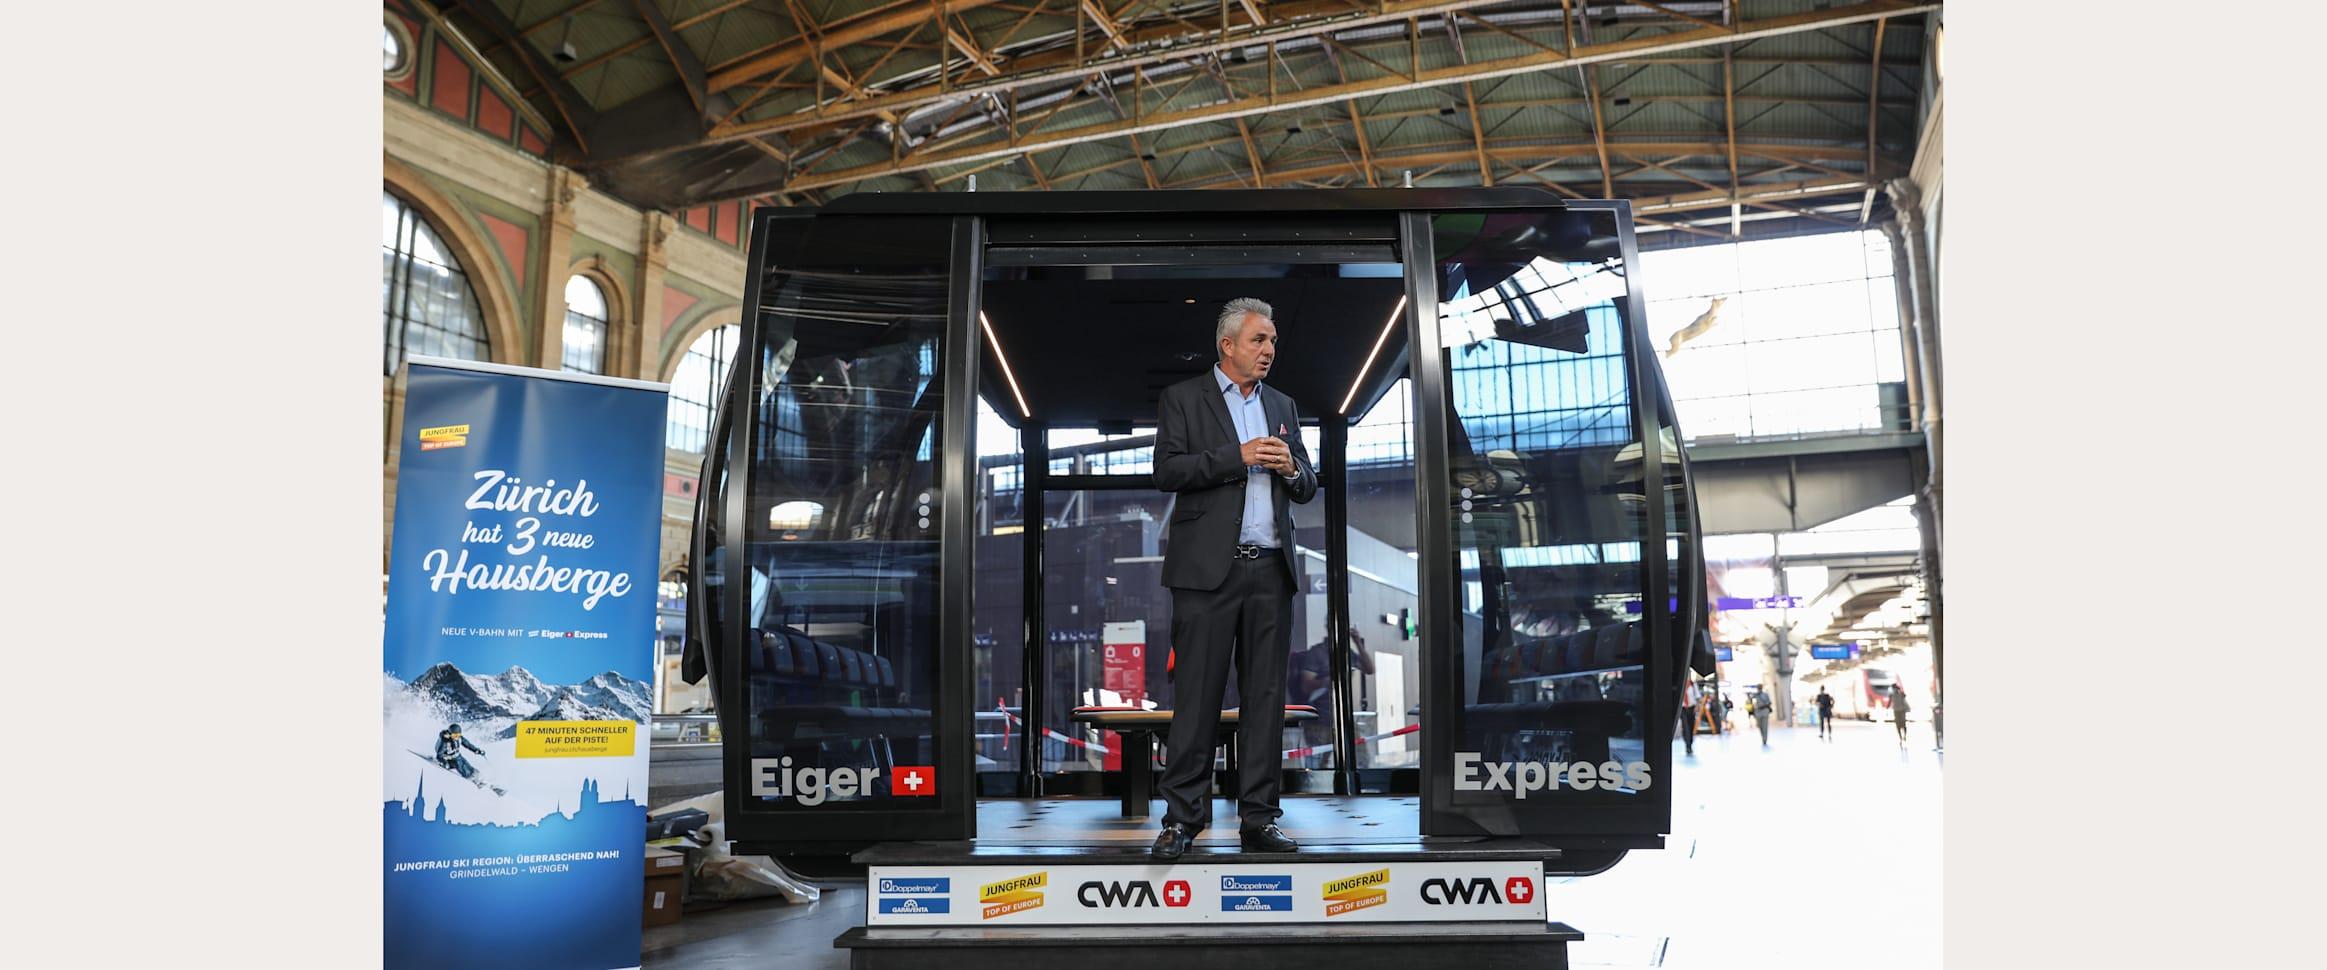 Eiger Express 4